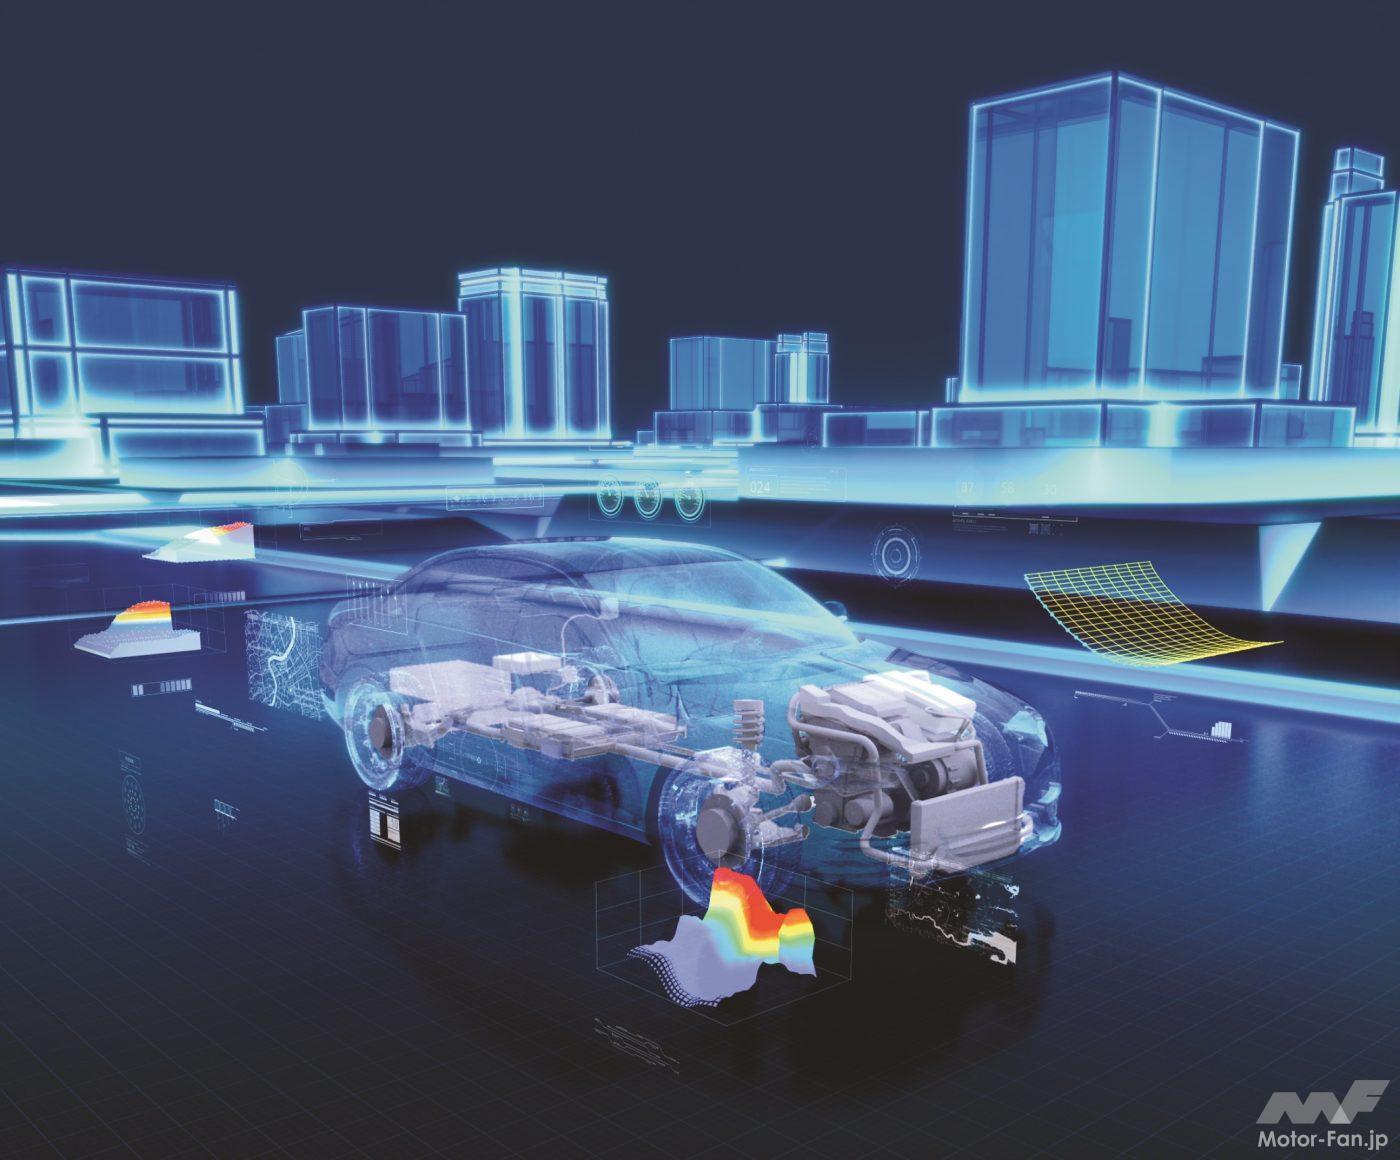 「自動車開発の最前線ではなにが起きているか? 「BEV開発」「Dx化」のキーワードを読み解く」の4枚目の画像